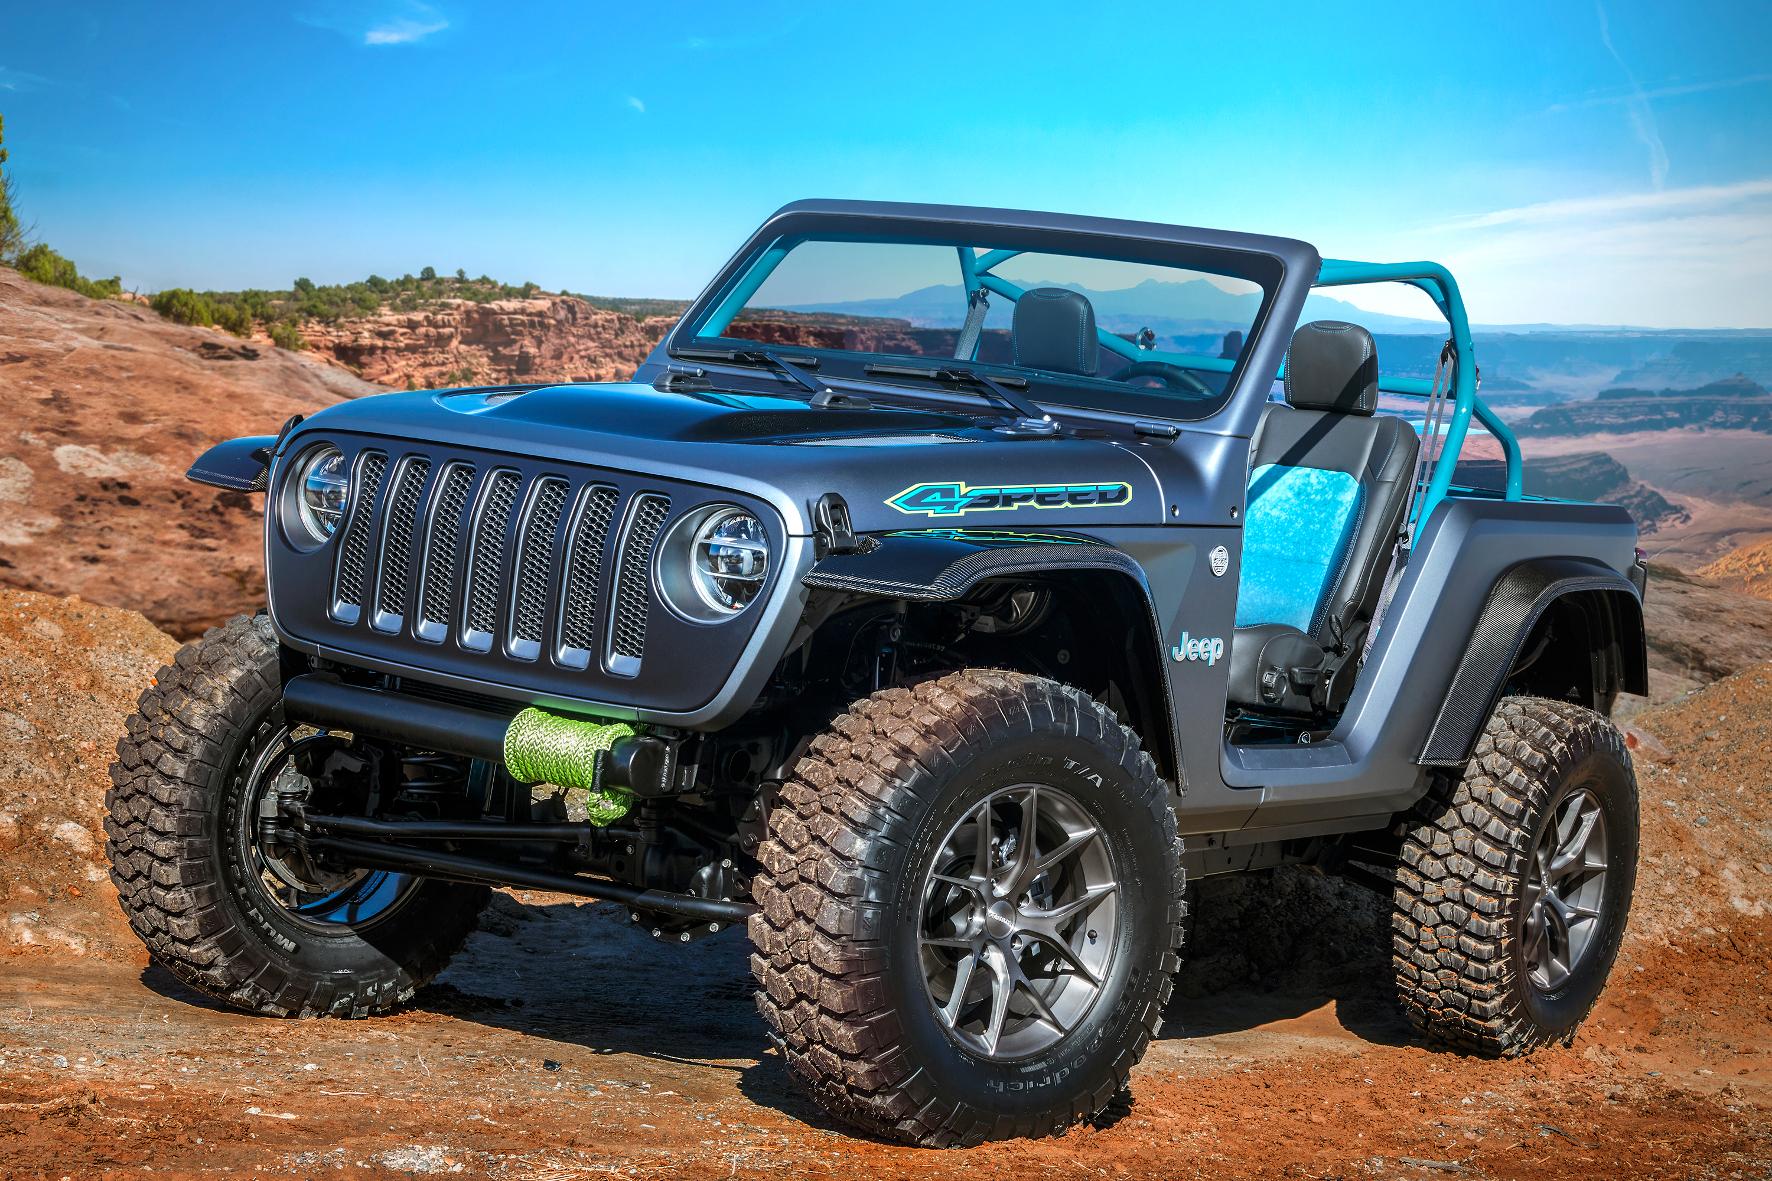 mid Groß-Gerau - Leicht, schnell und wendig: Das Jeep 4SPEED Concept wartet auf seinen Einsatz in Moab. FCA